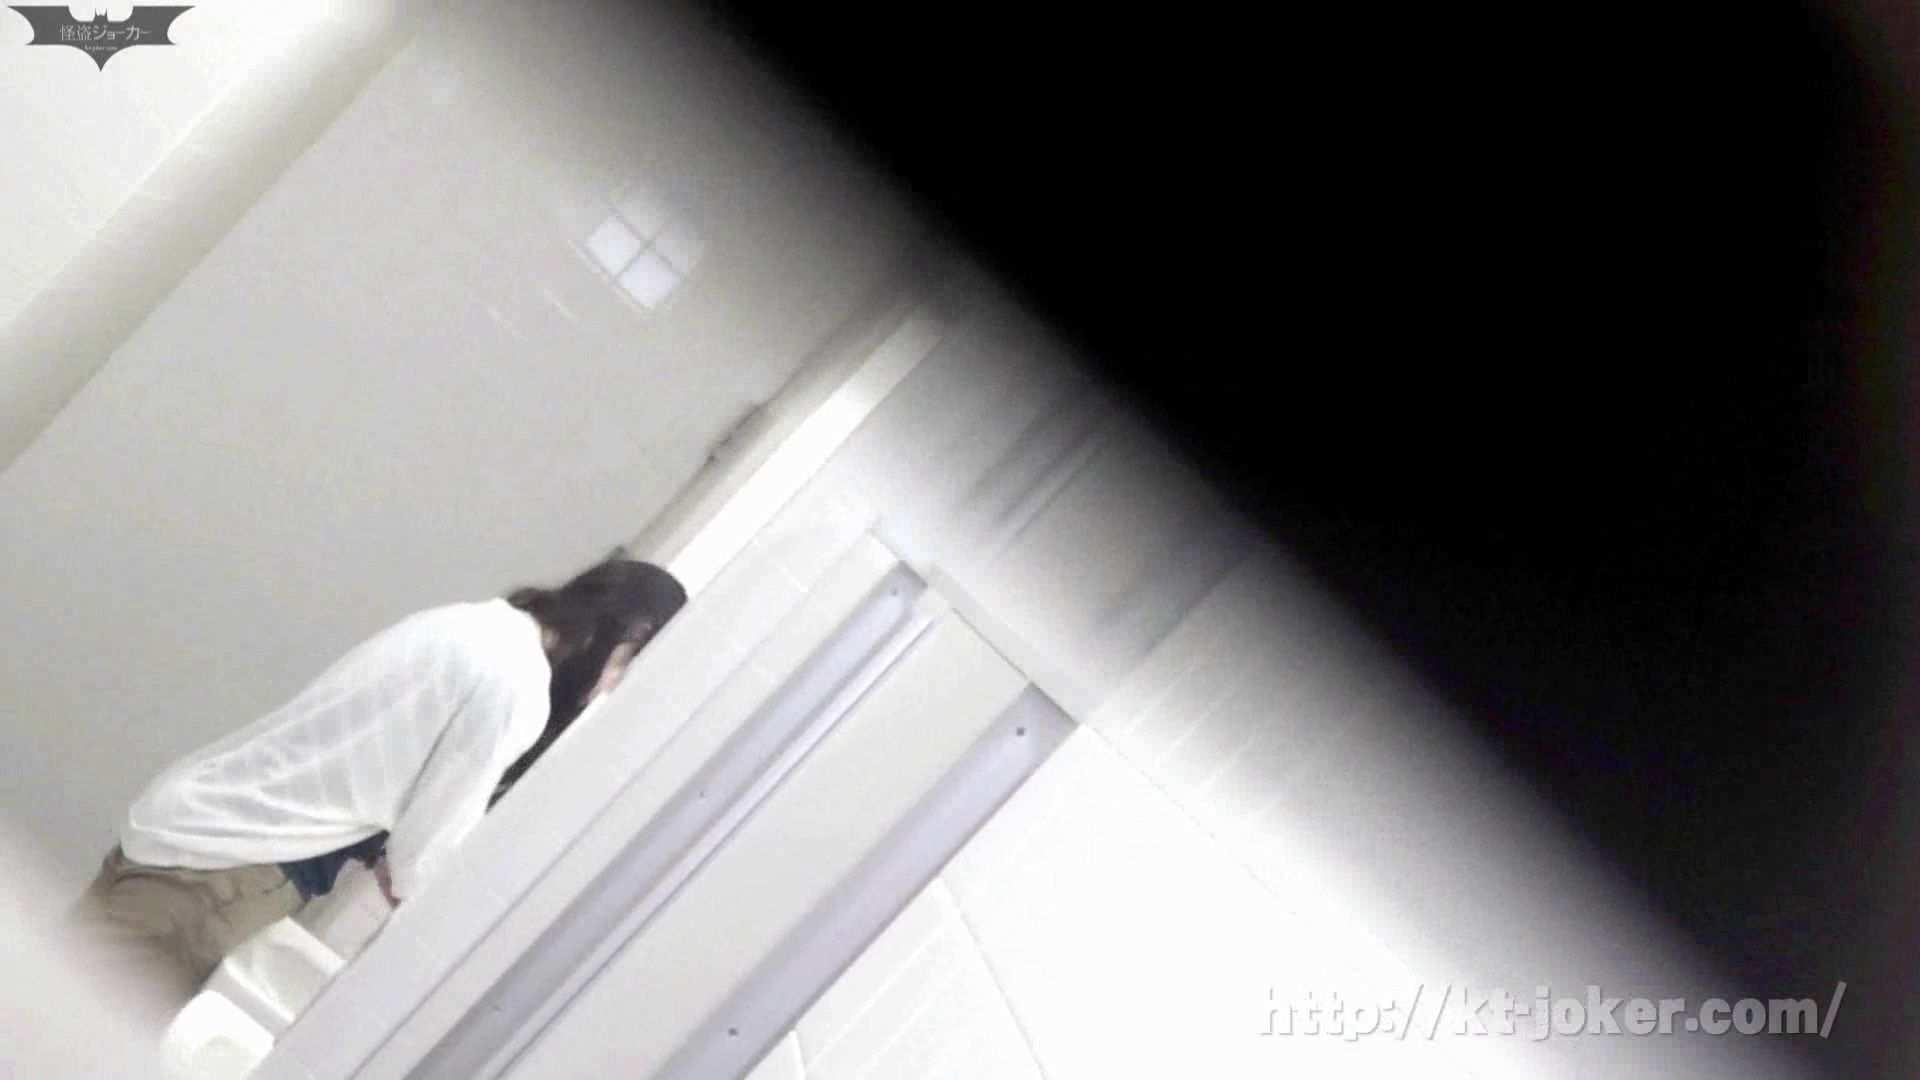 命がけ潜伏洗面所! vol.65 無謀に通路に飛び出て一番明るいフロント撮り実現、見所満載 洗面所 おまんこ動画流出 84PIX 47